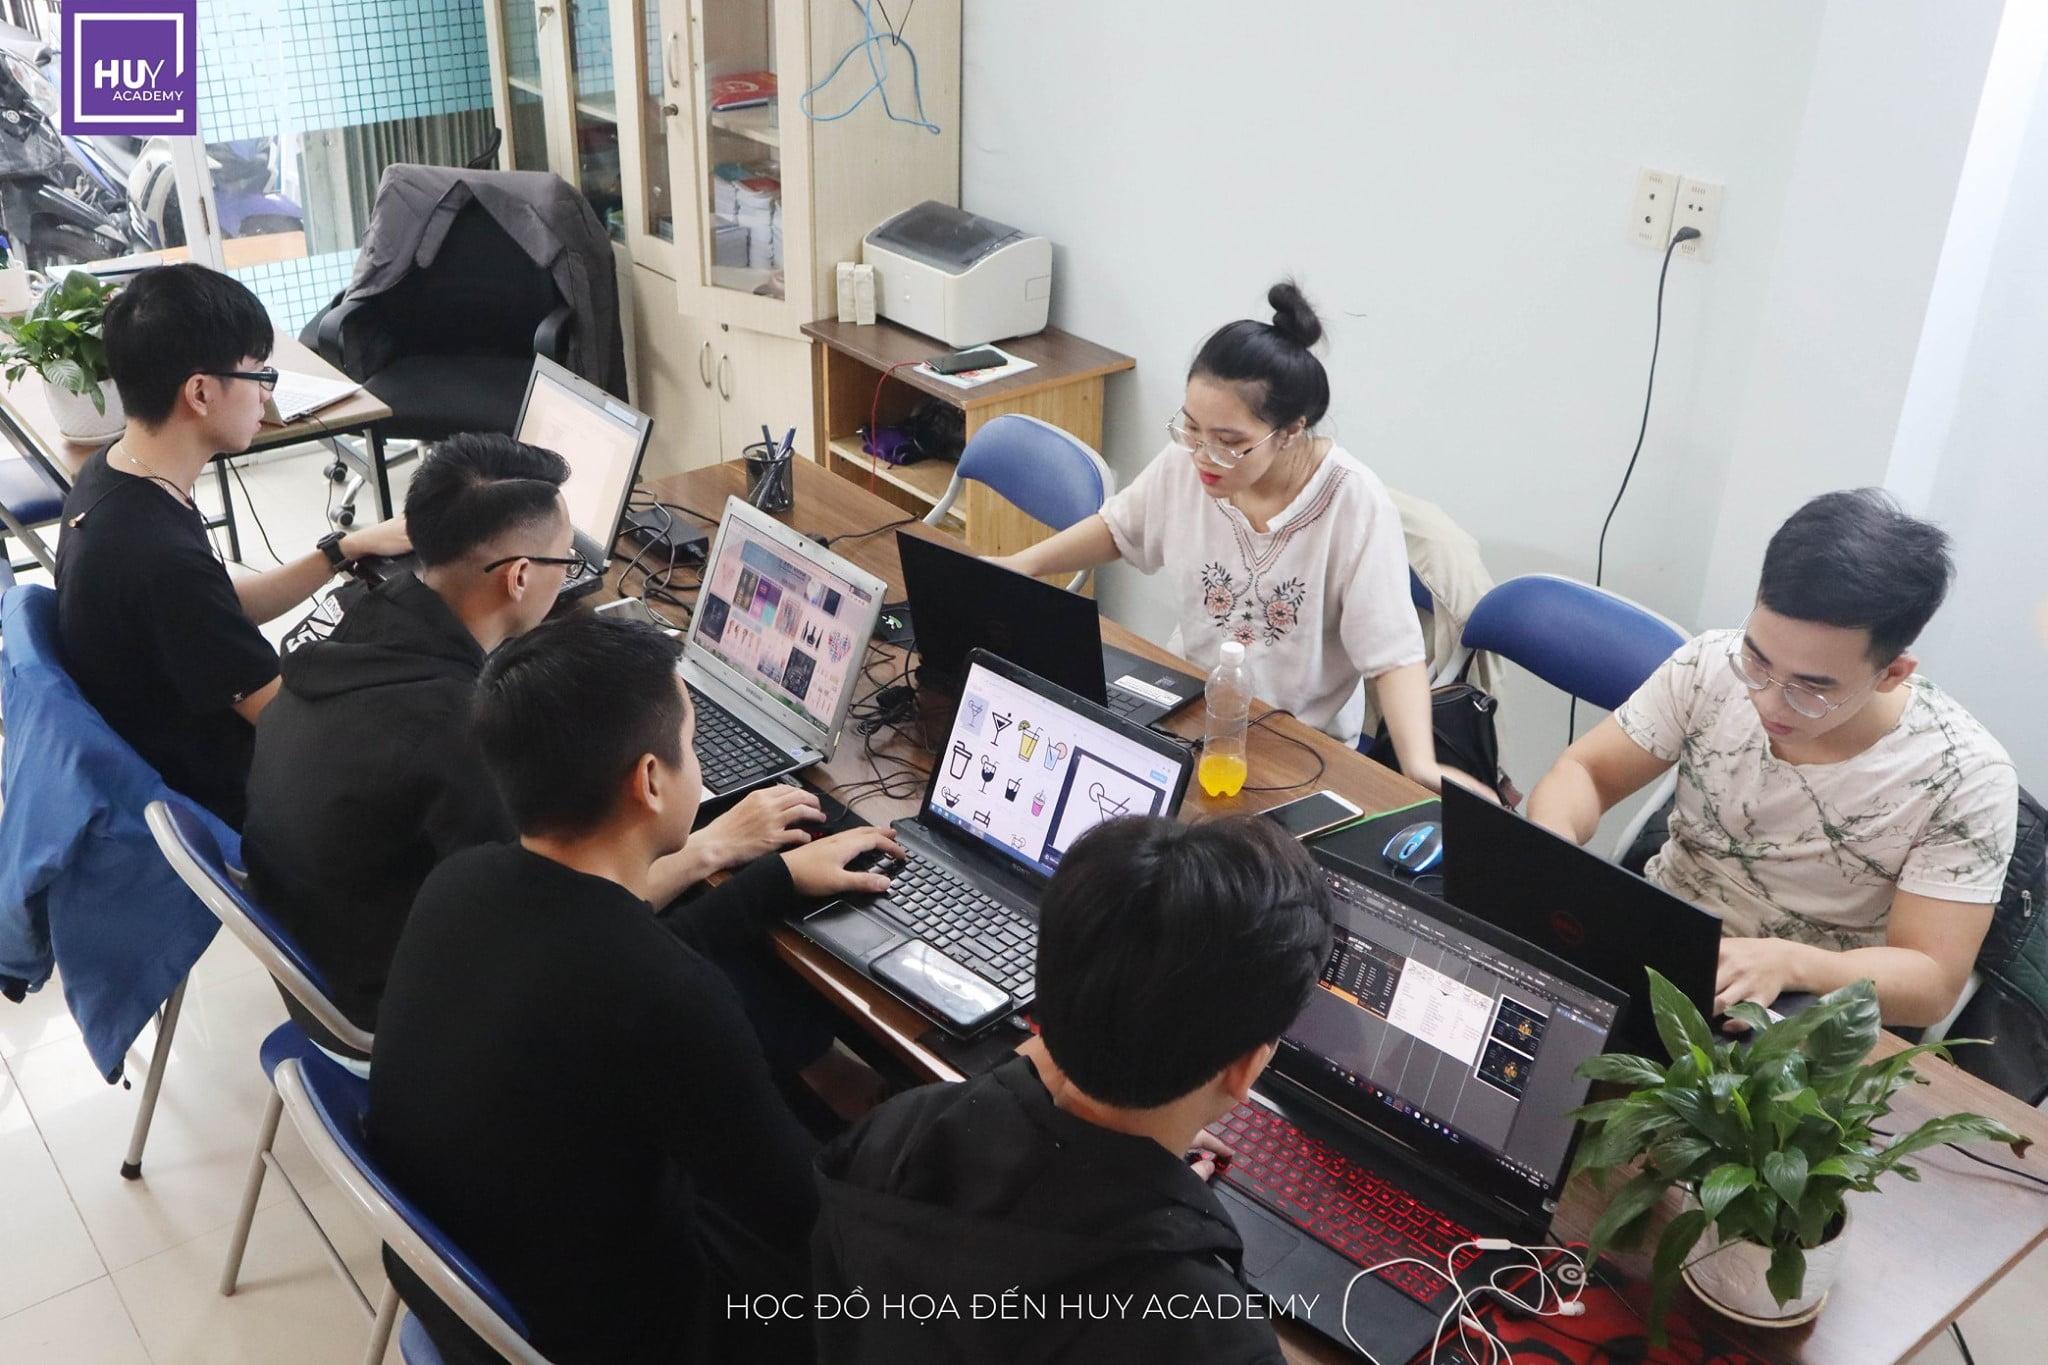 Học thiết kế đồ họa tại Đà Nẵng - Lớp nghề thiết kế (2)